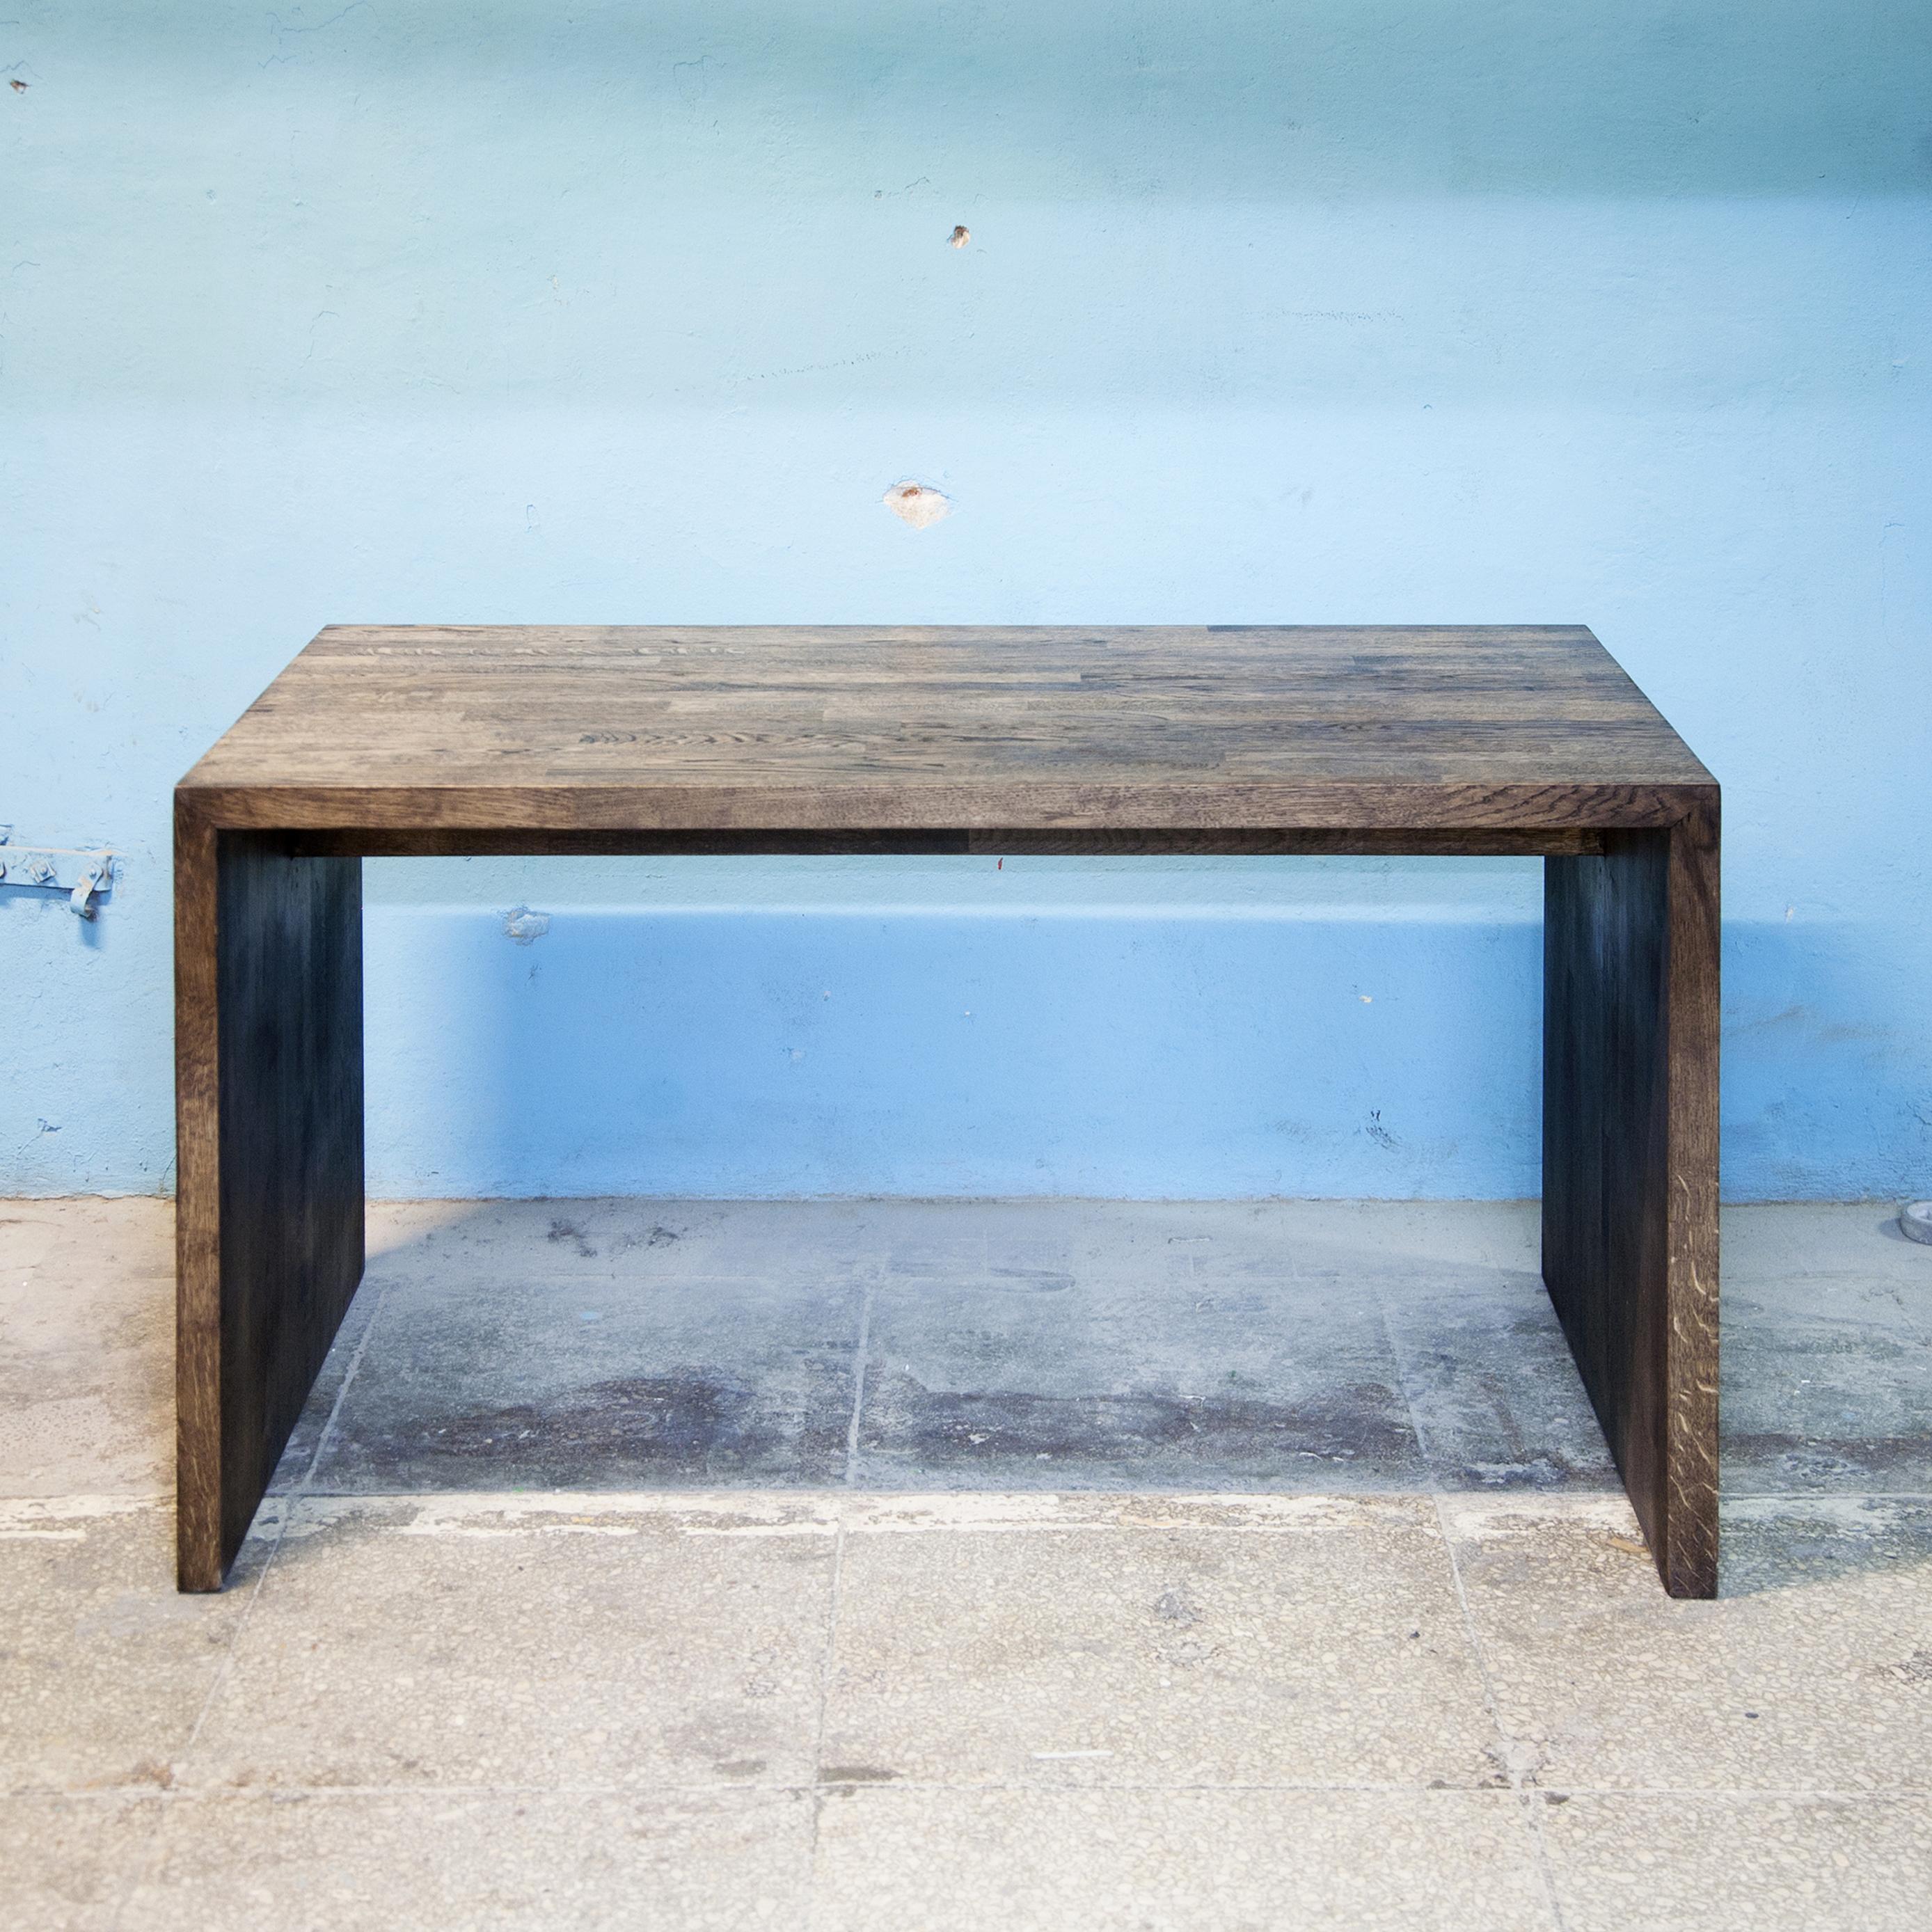 Стол Oak StapleПисьменные столы<br>Материал: дубовый мебельный щит. На основание крепится мебельный войлок.&amp;lt;div&amp;gt;&amp;lt;br&amp;gt;&amp;lt;/div&amp;gt;&amp;lt;div&amp;gt;Возможно изготовление любых размеров, стоимость необходимо уточнять.&amp;lt;/div&amp;gt;&amp;lt;div&amp;gt;Ширина: 90-200 см, глубина: 40-100 см, высота: 25/35/45/55/75 см.&amp;lt;/div&amp;gt;<br><br>Material: Дуб<br>Ширина см: 120<br>Высота см: 45<br>Глубина см: 60